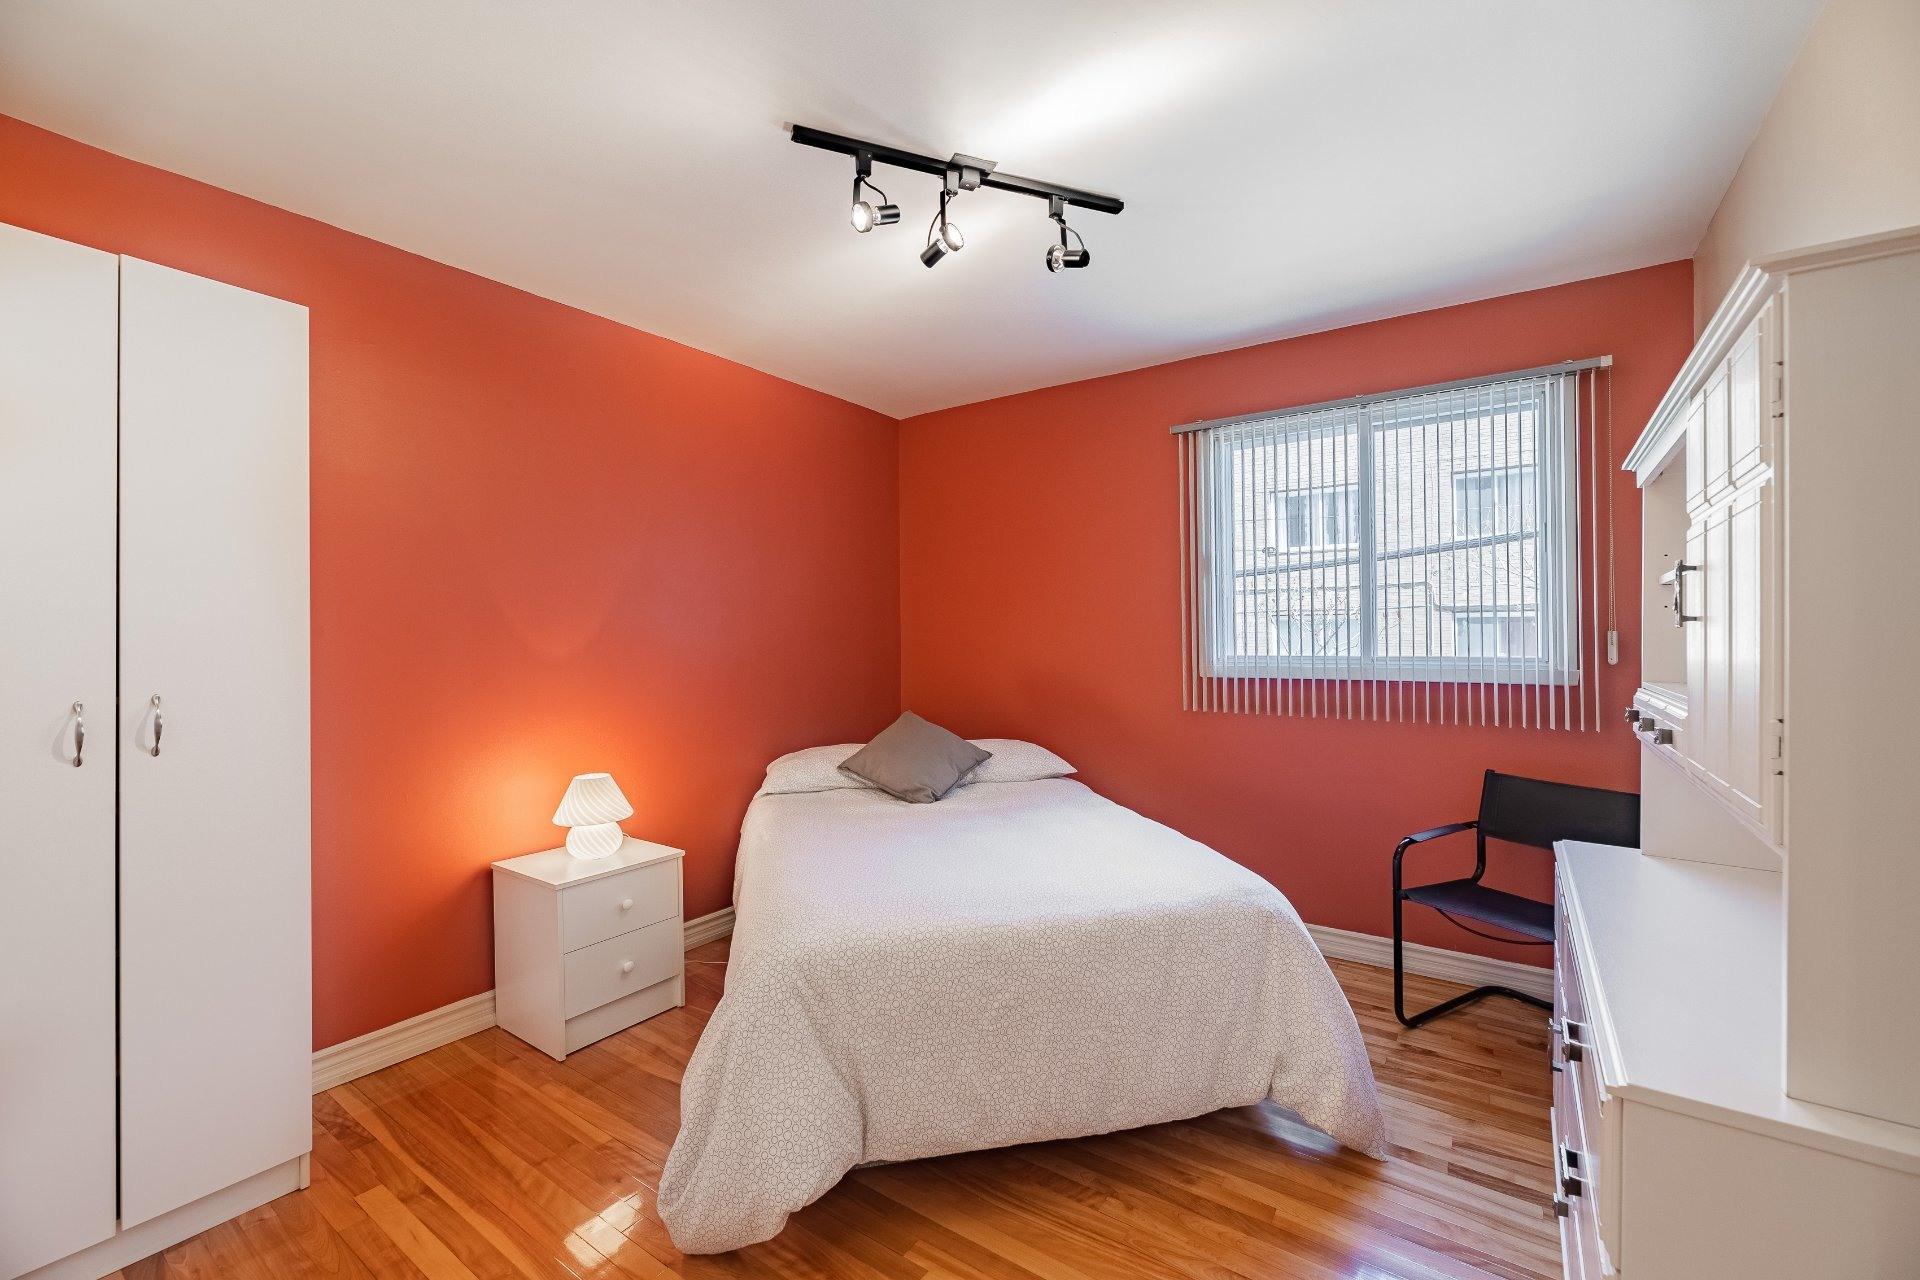 image 15 - Triplex For sale Mercier/Hochelaga-Maisonneuve Montréal  - 6 rooms